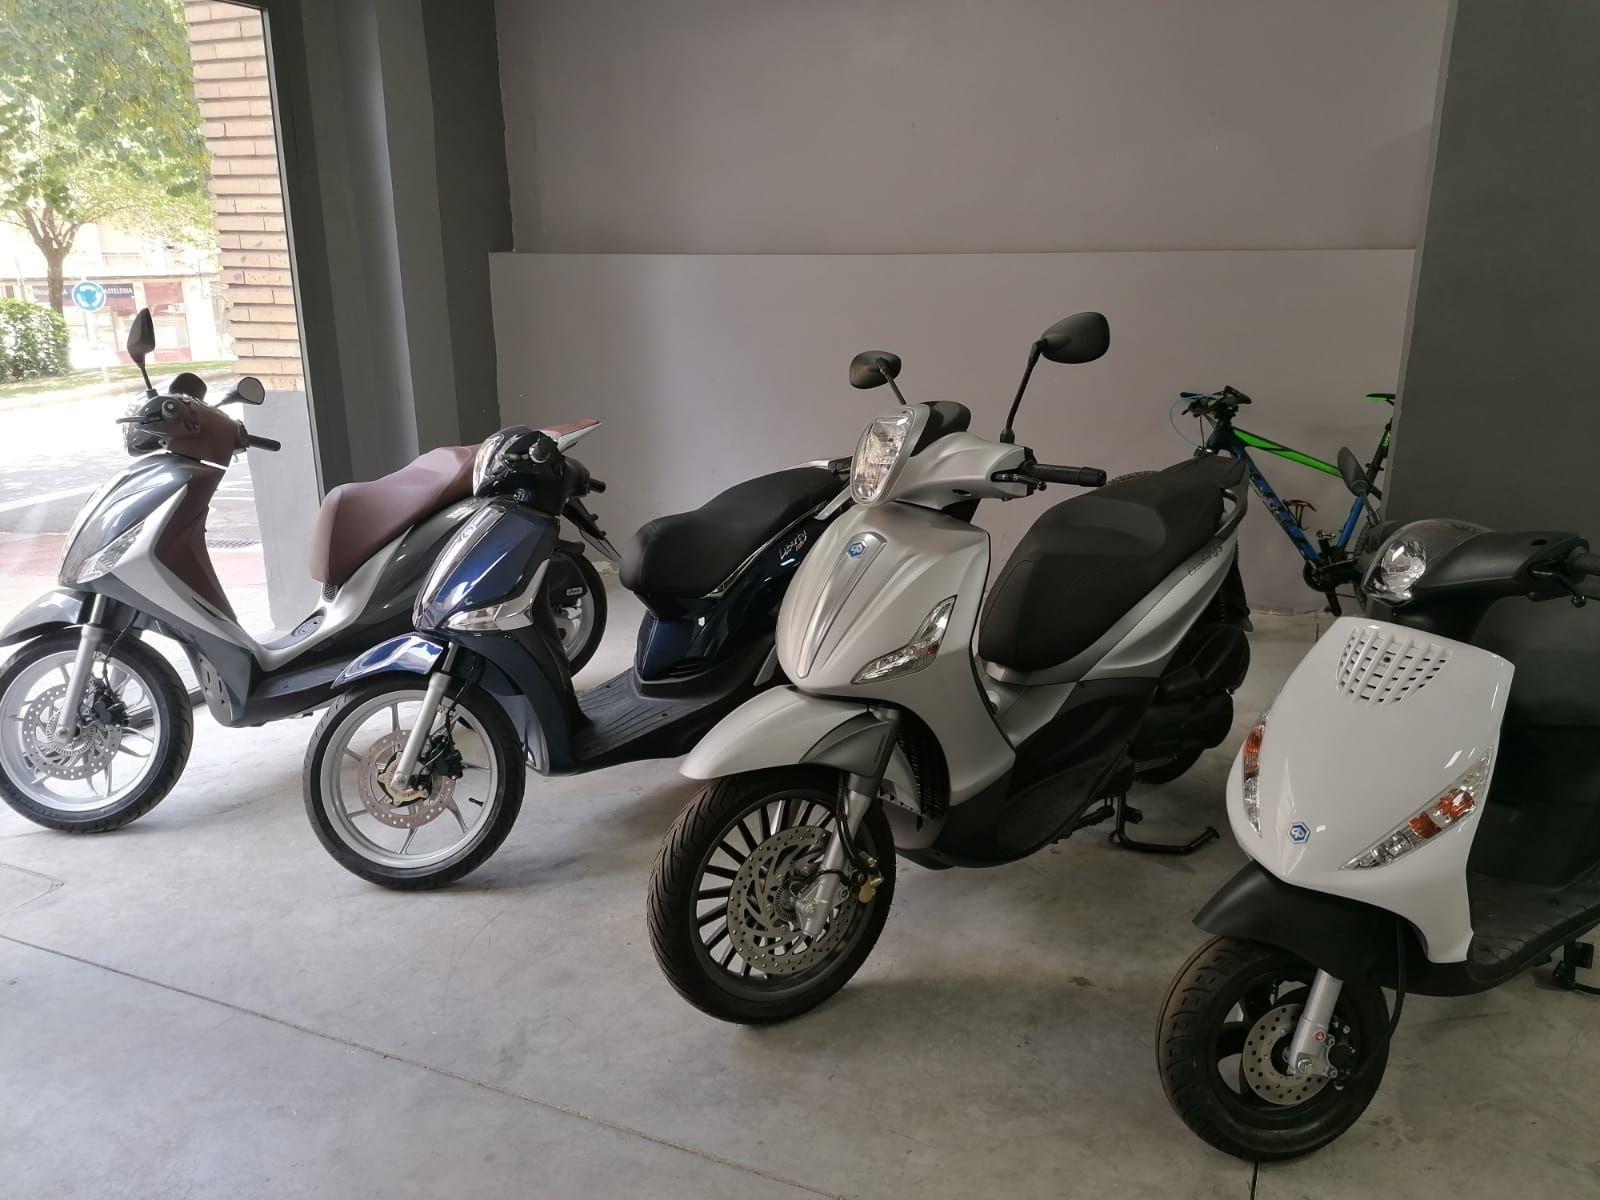 Venta de motos en Tudela